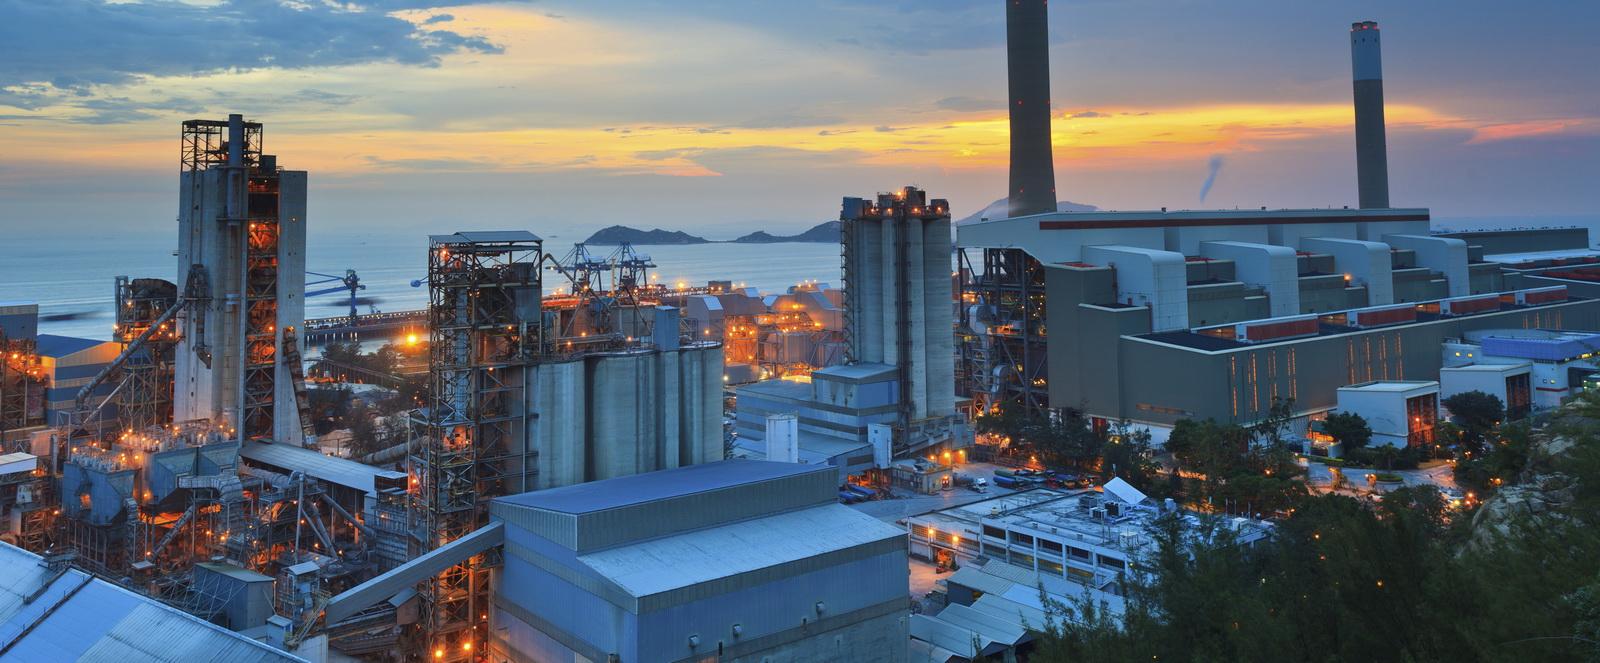 کالای برق صنعتی نیروگاه